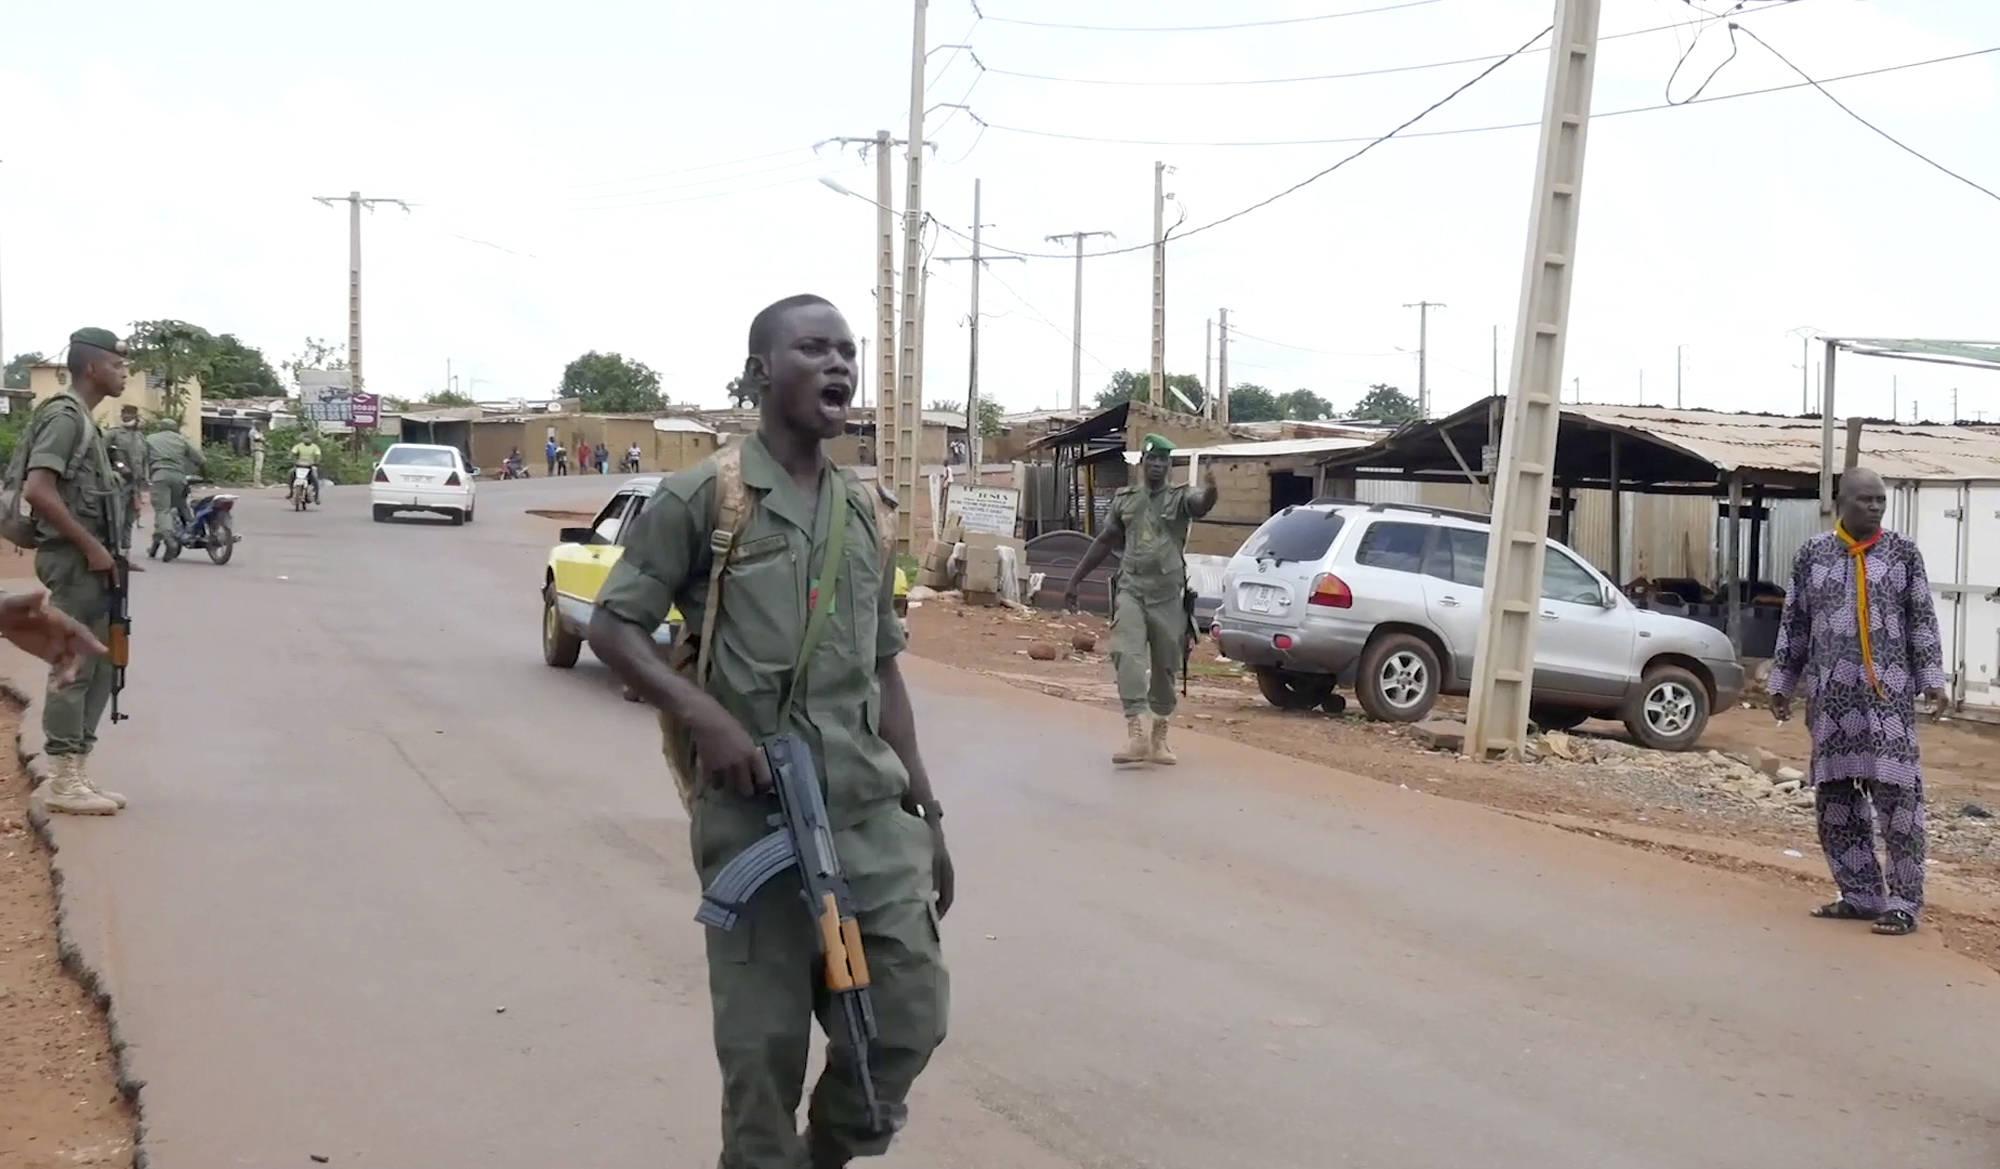 Un militaire malien, membre présumé des mutins du camp militaire de Kati, contrôle la circulation à proximité du camp militaire situé à 15 km de Bamako, le 18 août 2020.